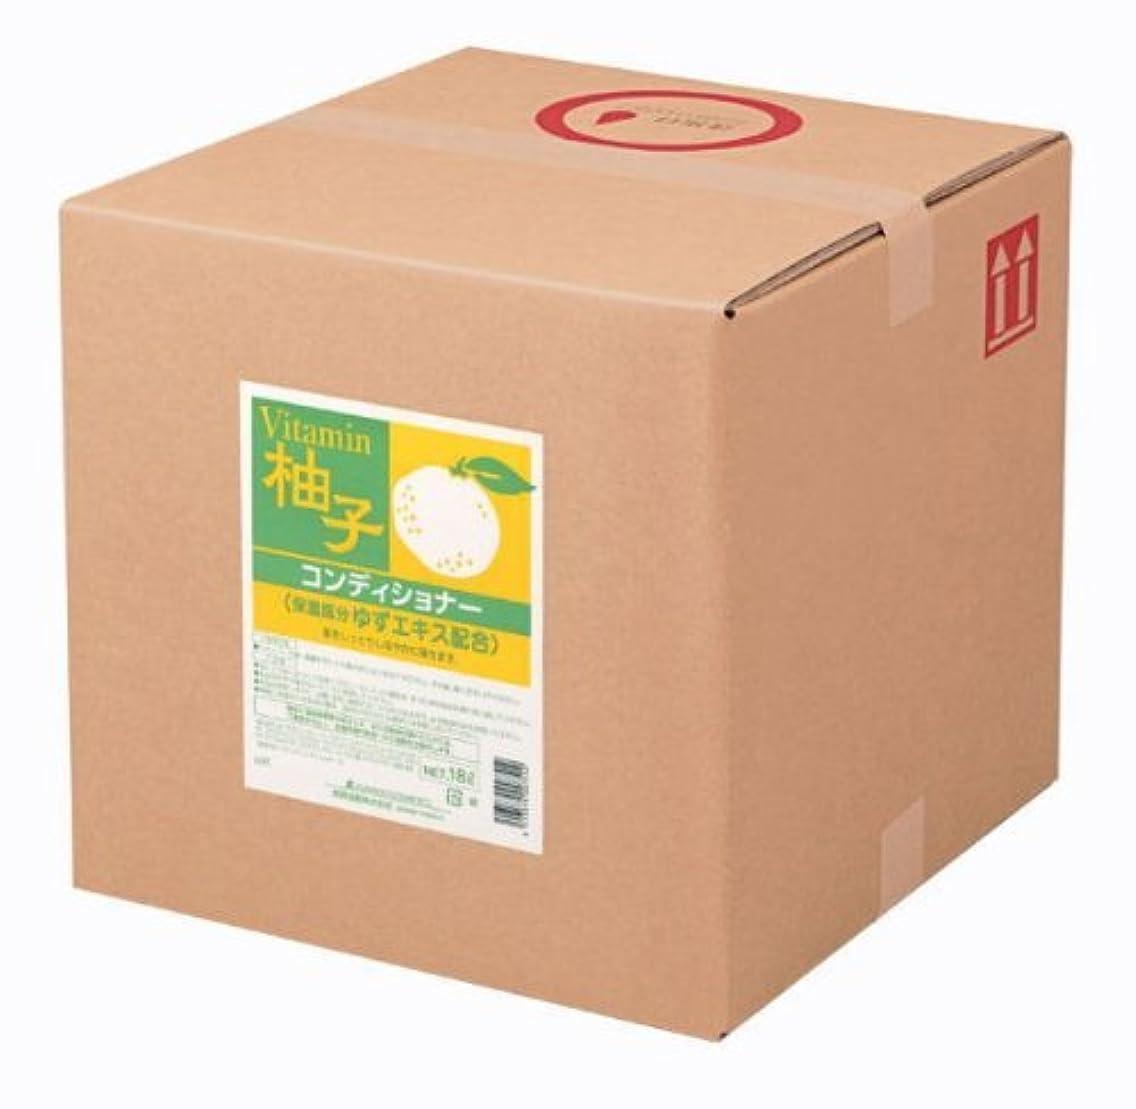 敏感な緊張戦争熊野油脂 業務用 柚子 コンディショナー 18L